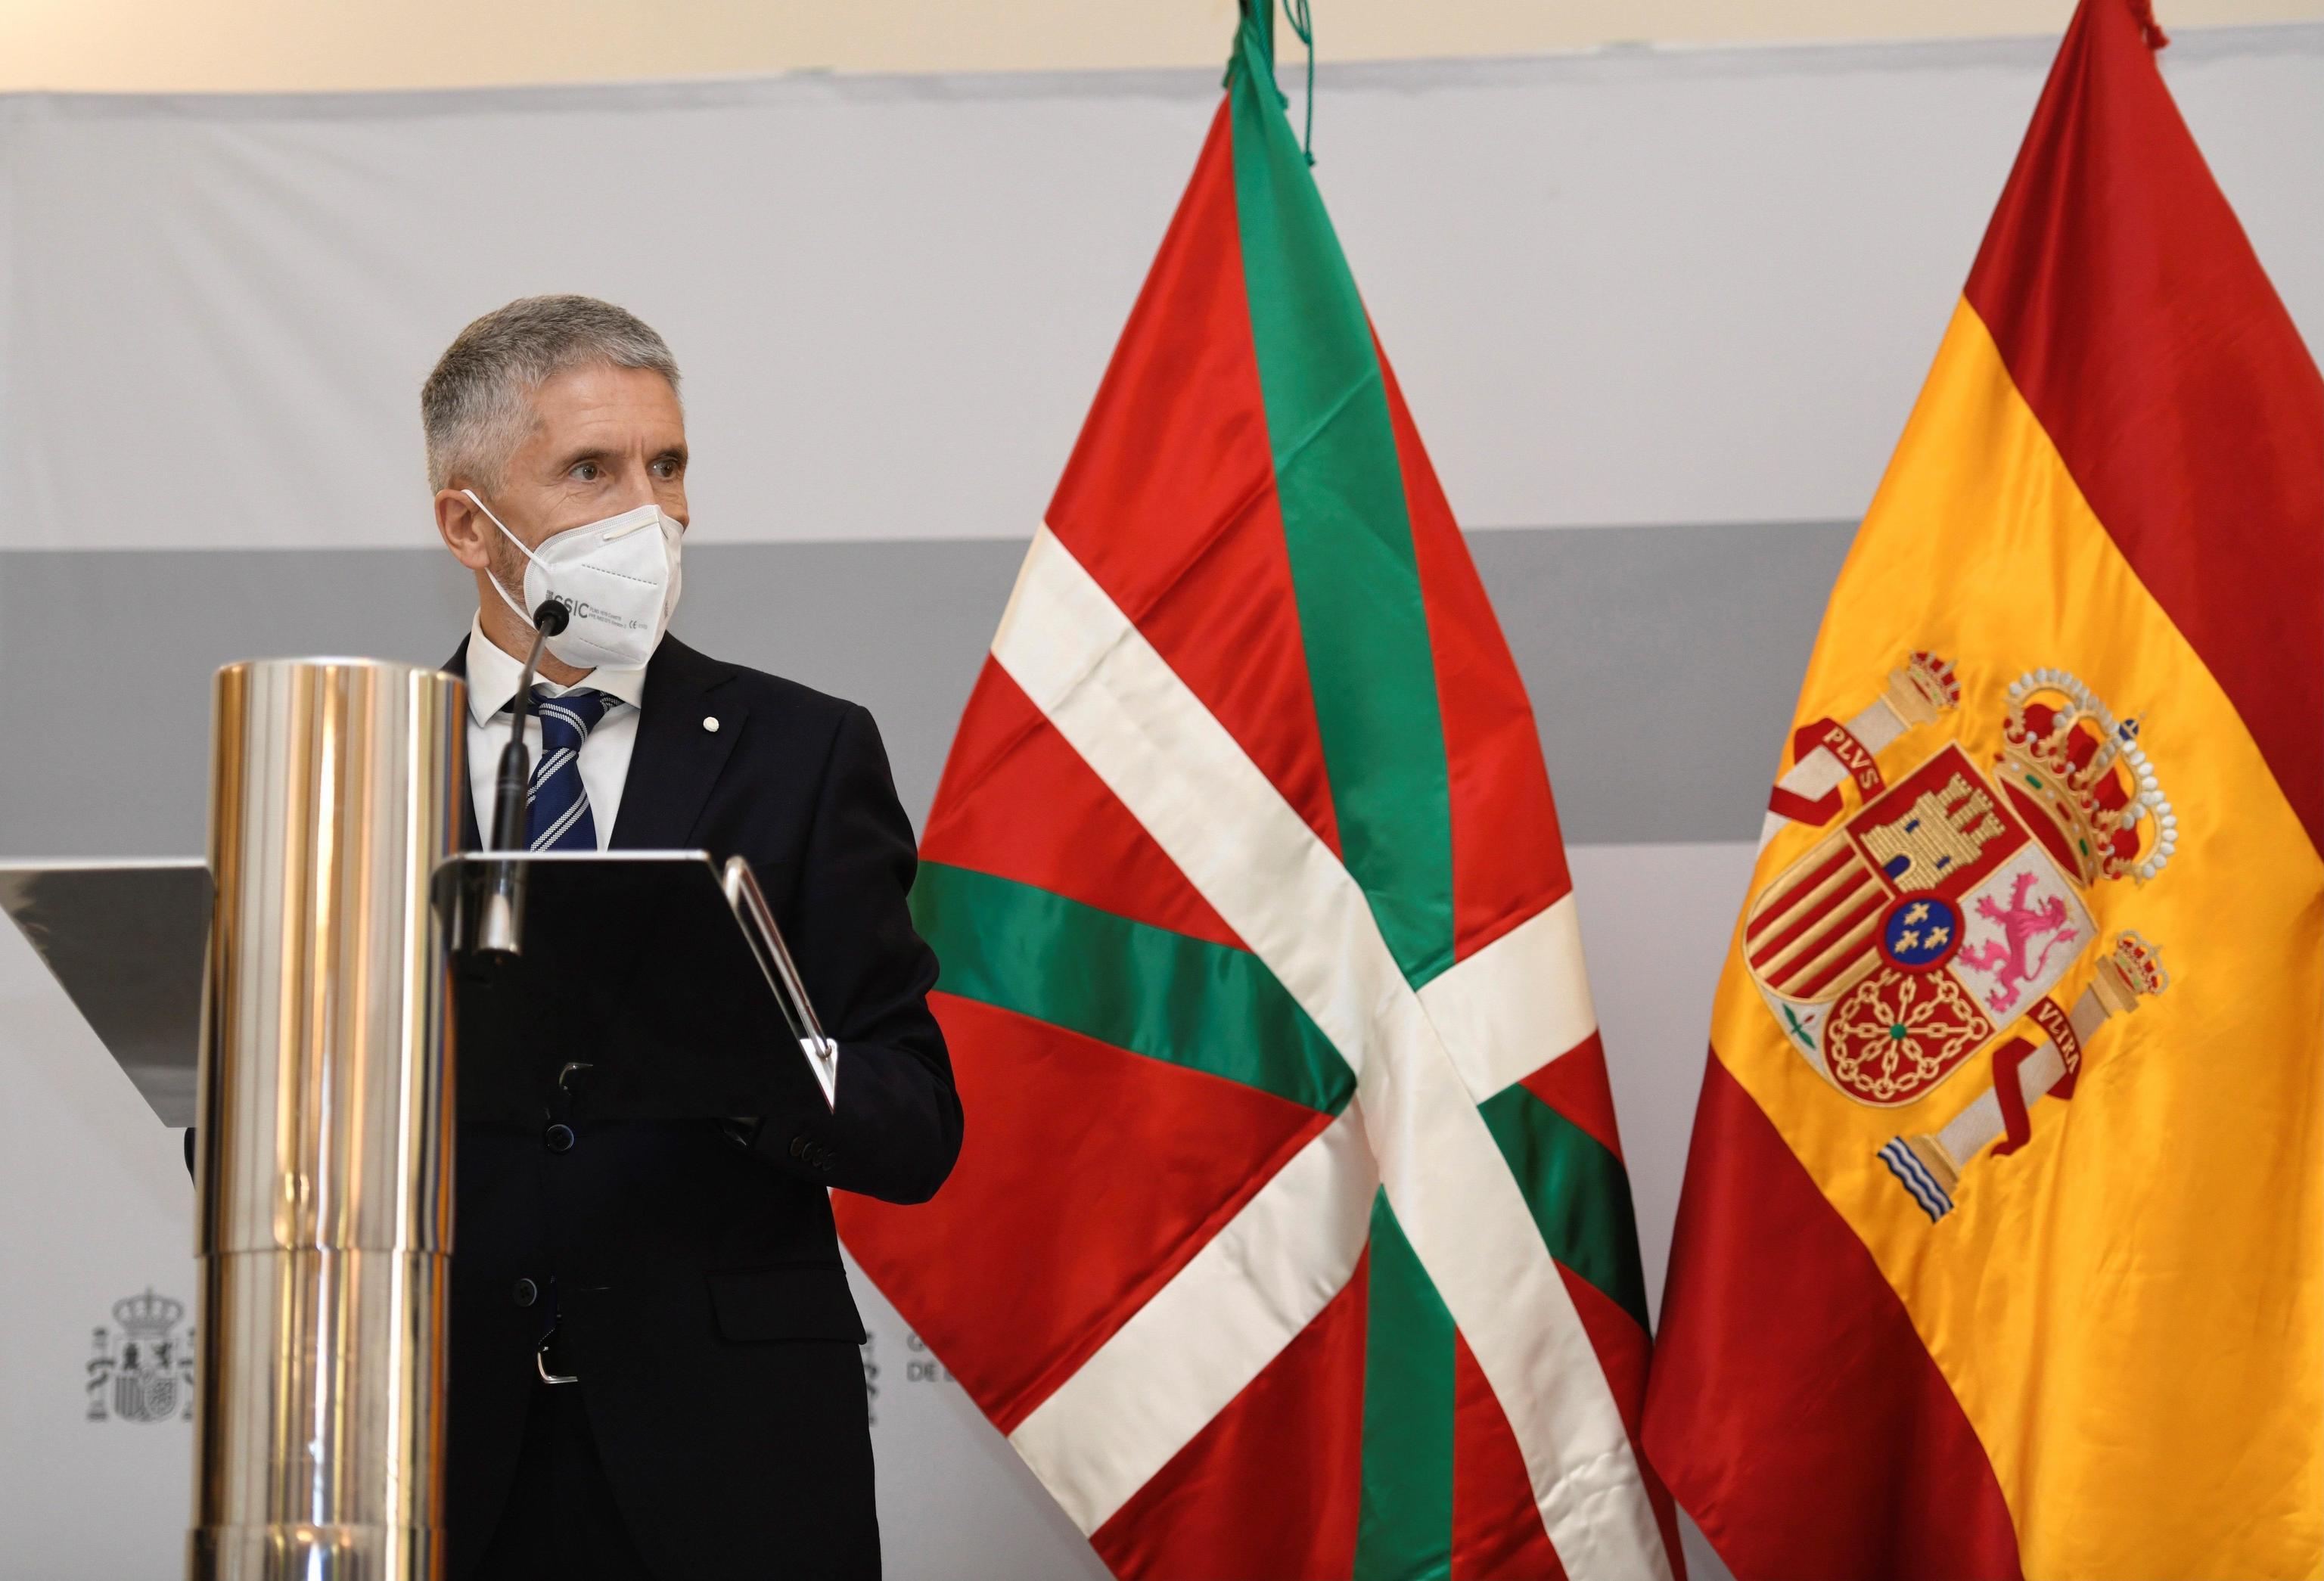 El ministro del Interior, Fernando Grande-Marlaska, en rueda de prensa tras reunirse con el vicelehendakari Josu Erkoreka.